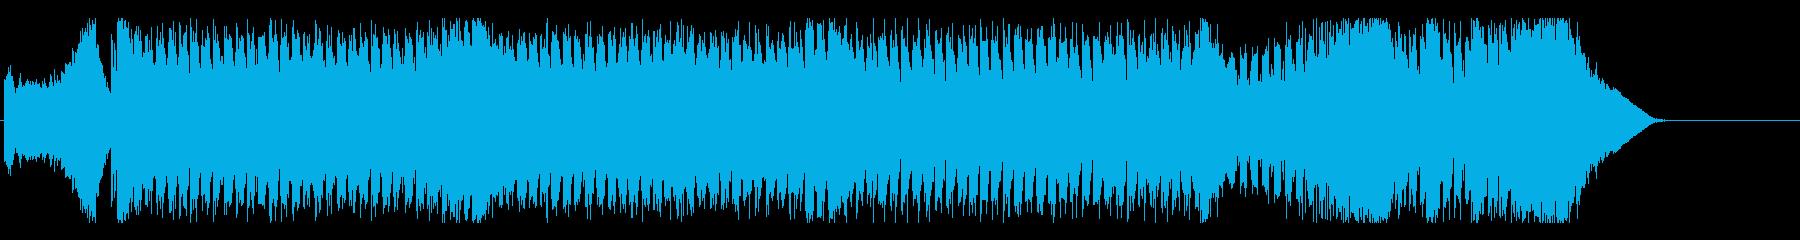 ディスコ スピード 都会 科学 未来の再生済みの波形